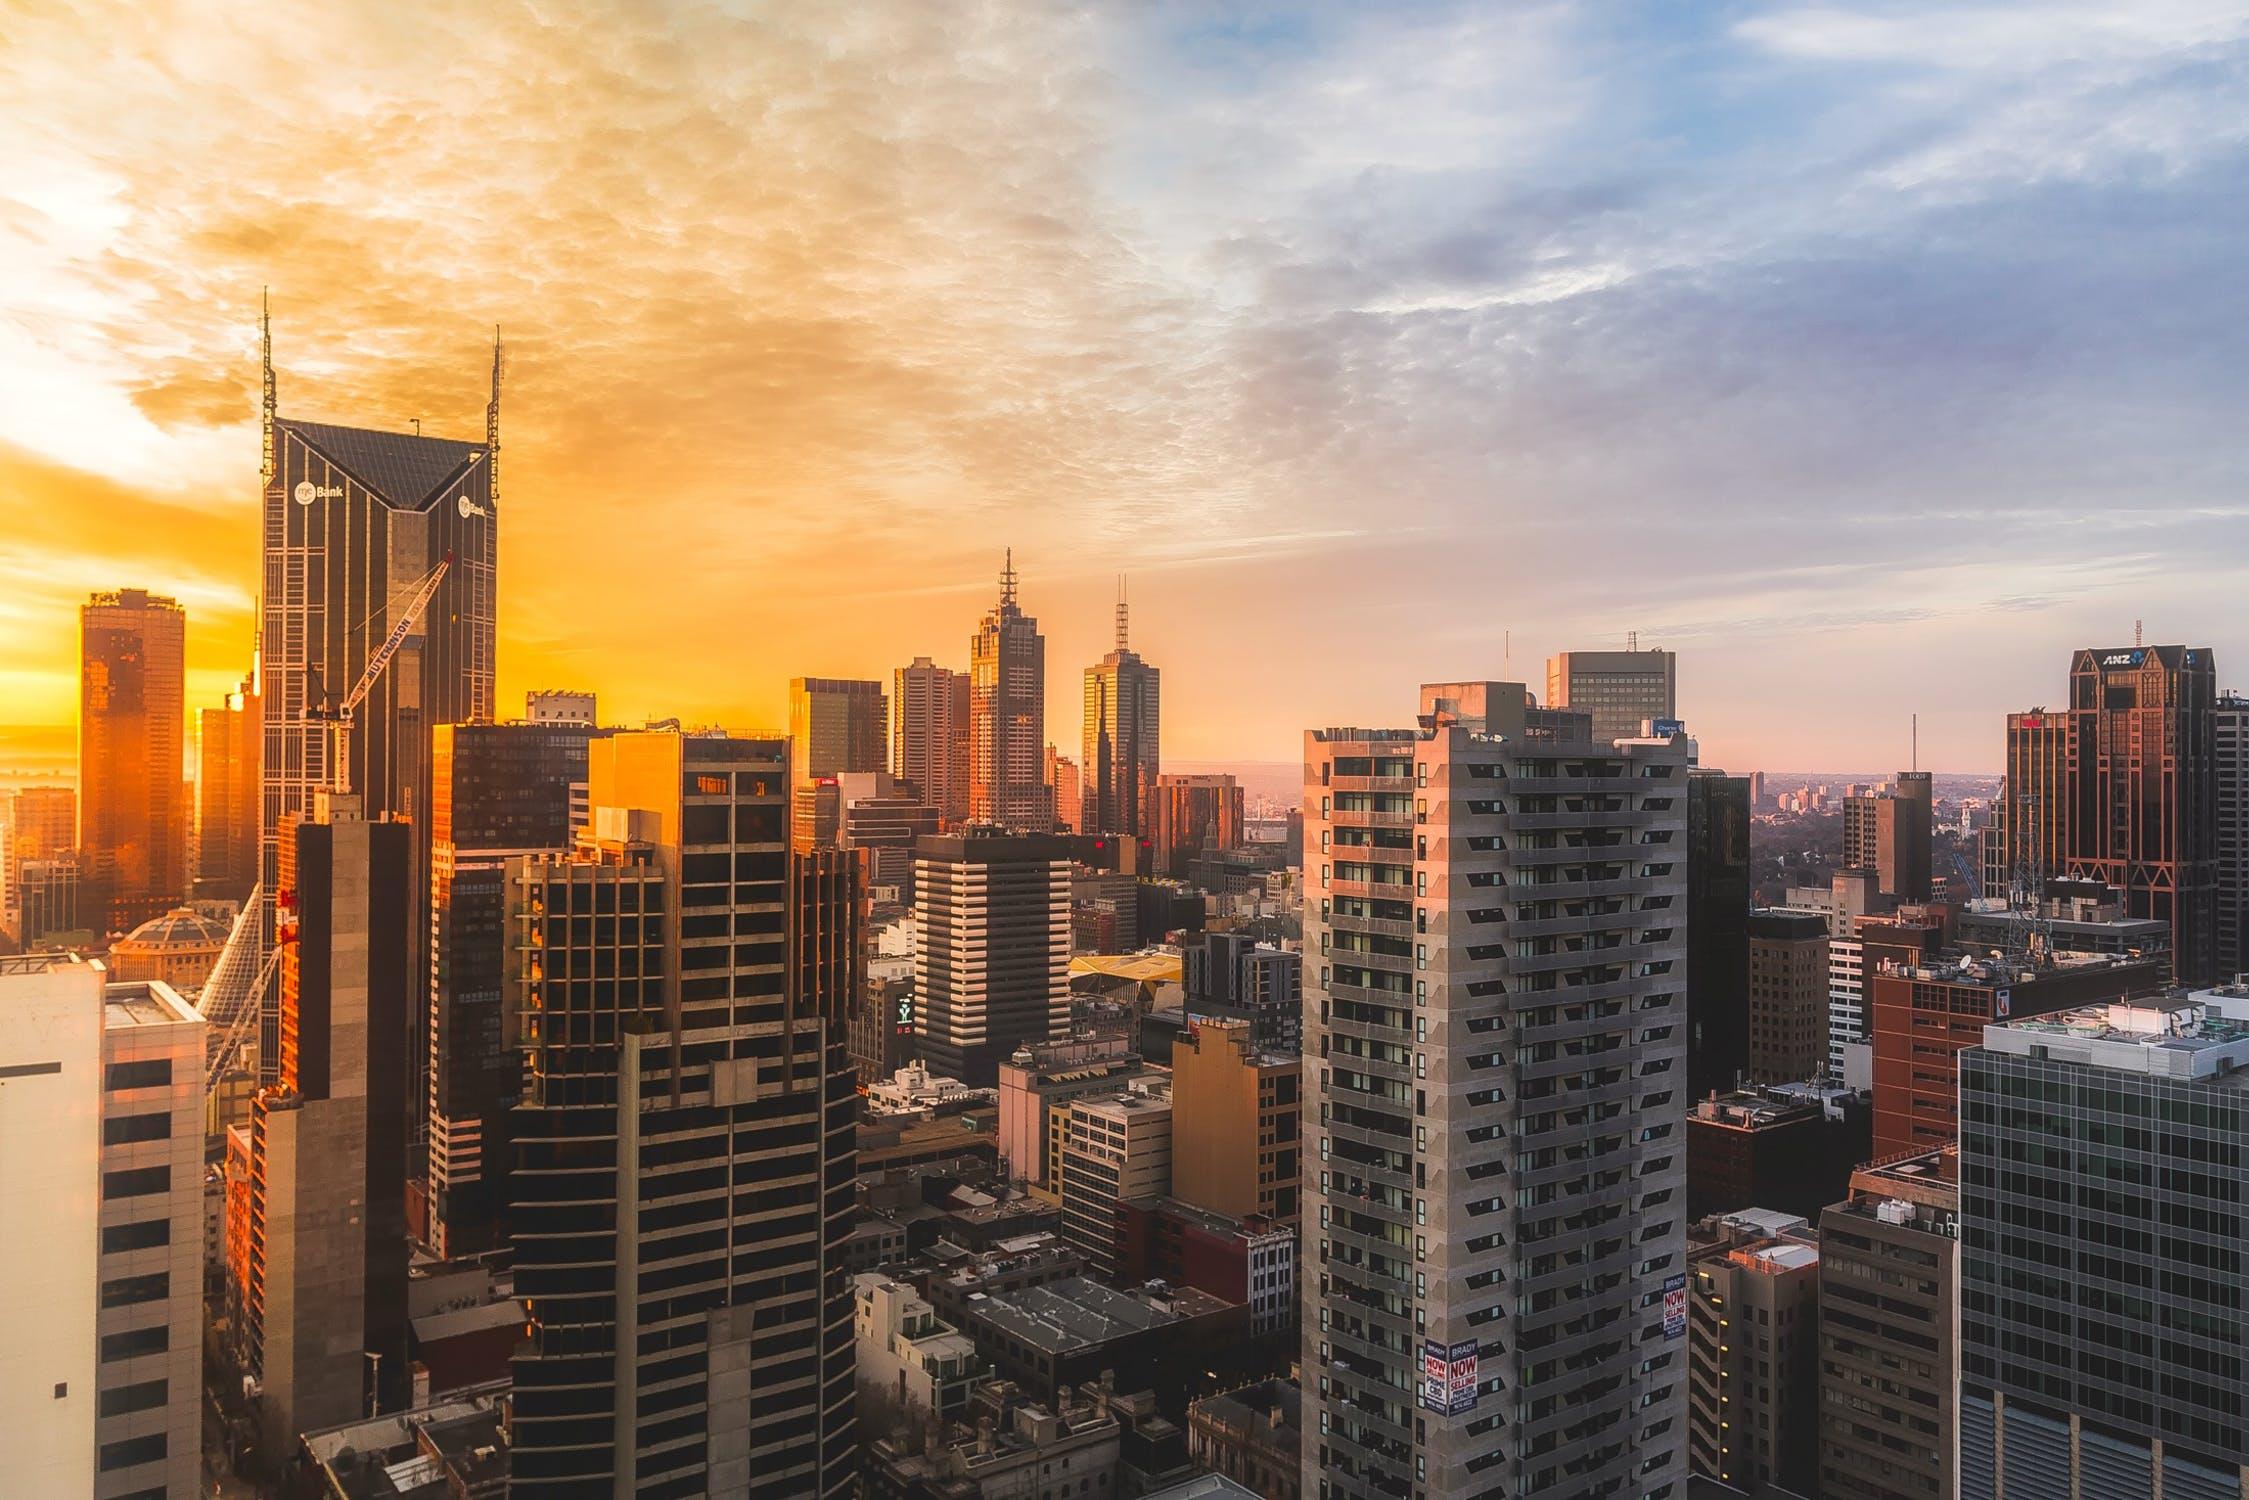 Protlumaczenia Cities - biuro tłumaczeń online